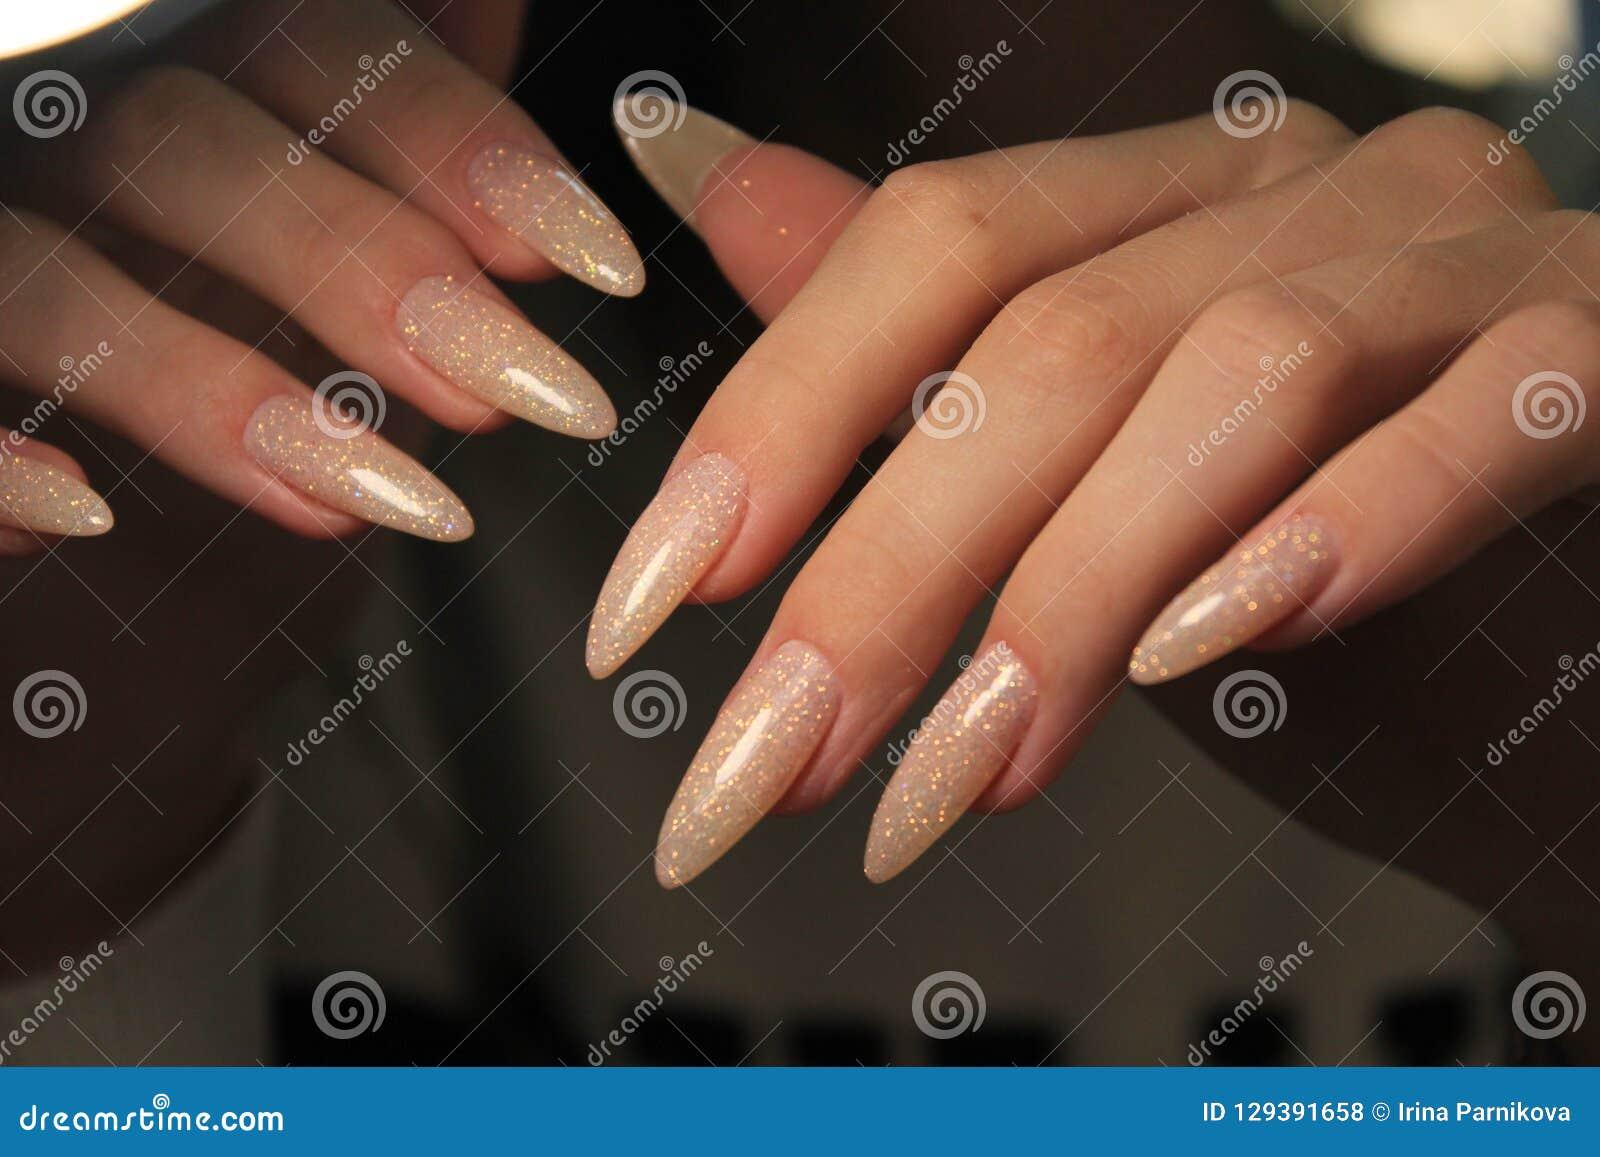 Spika manikyr på händer